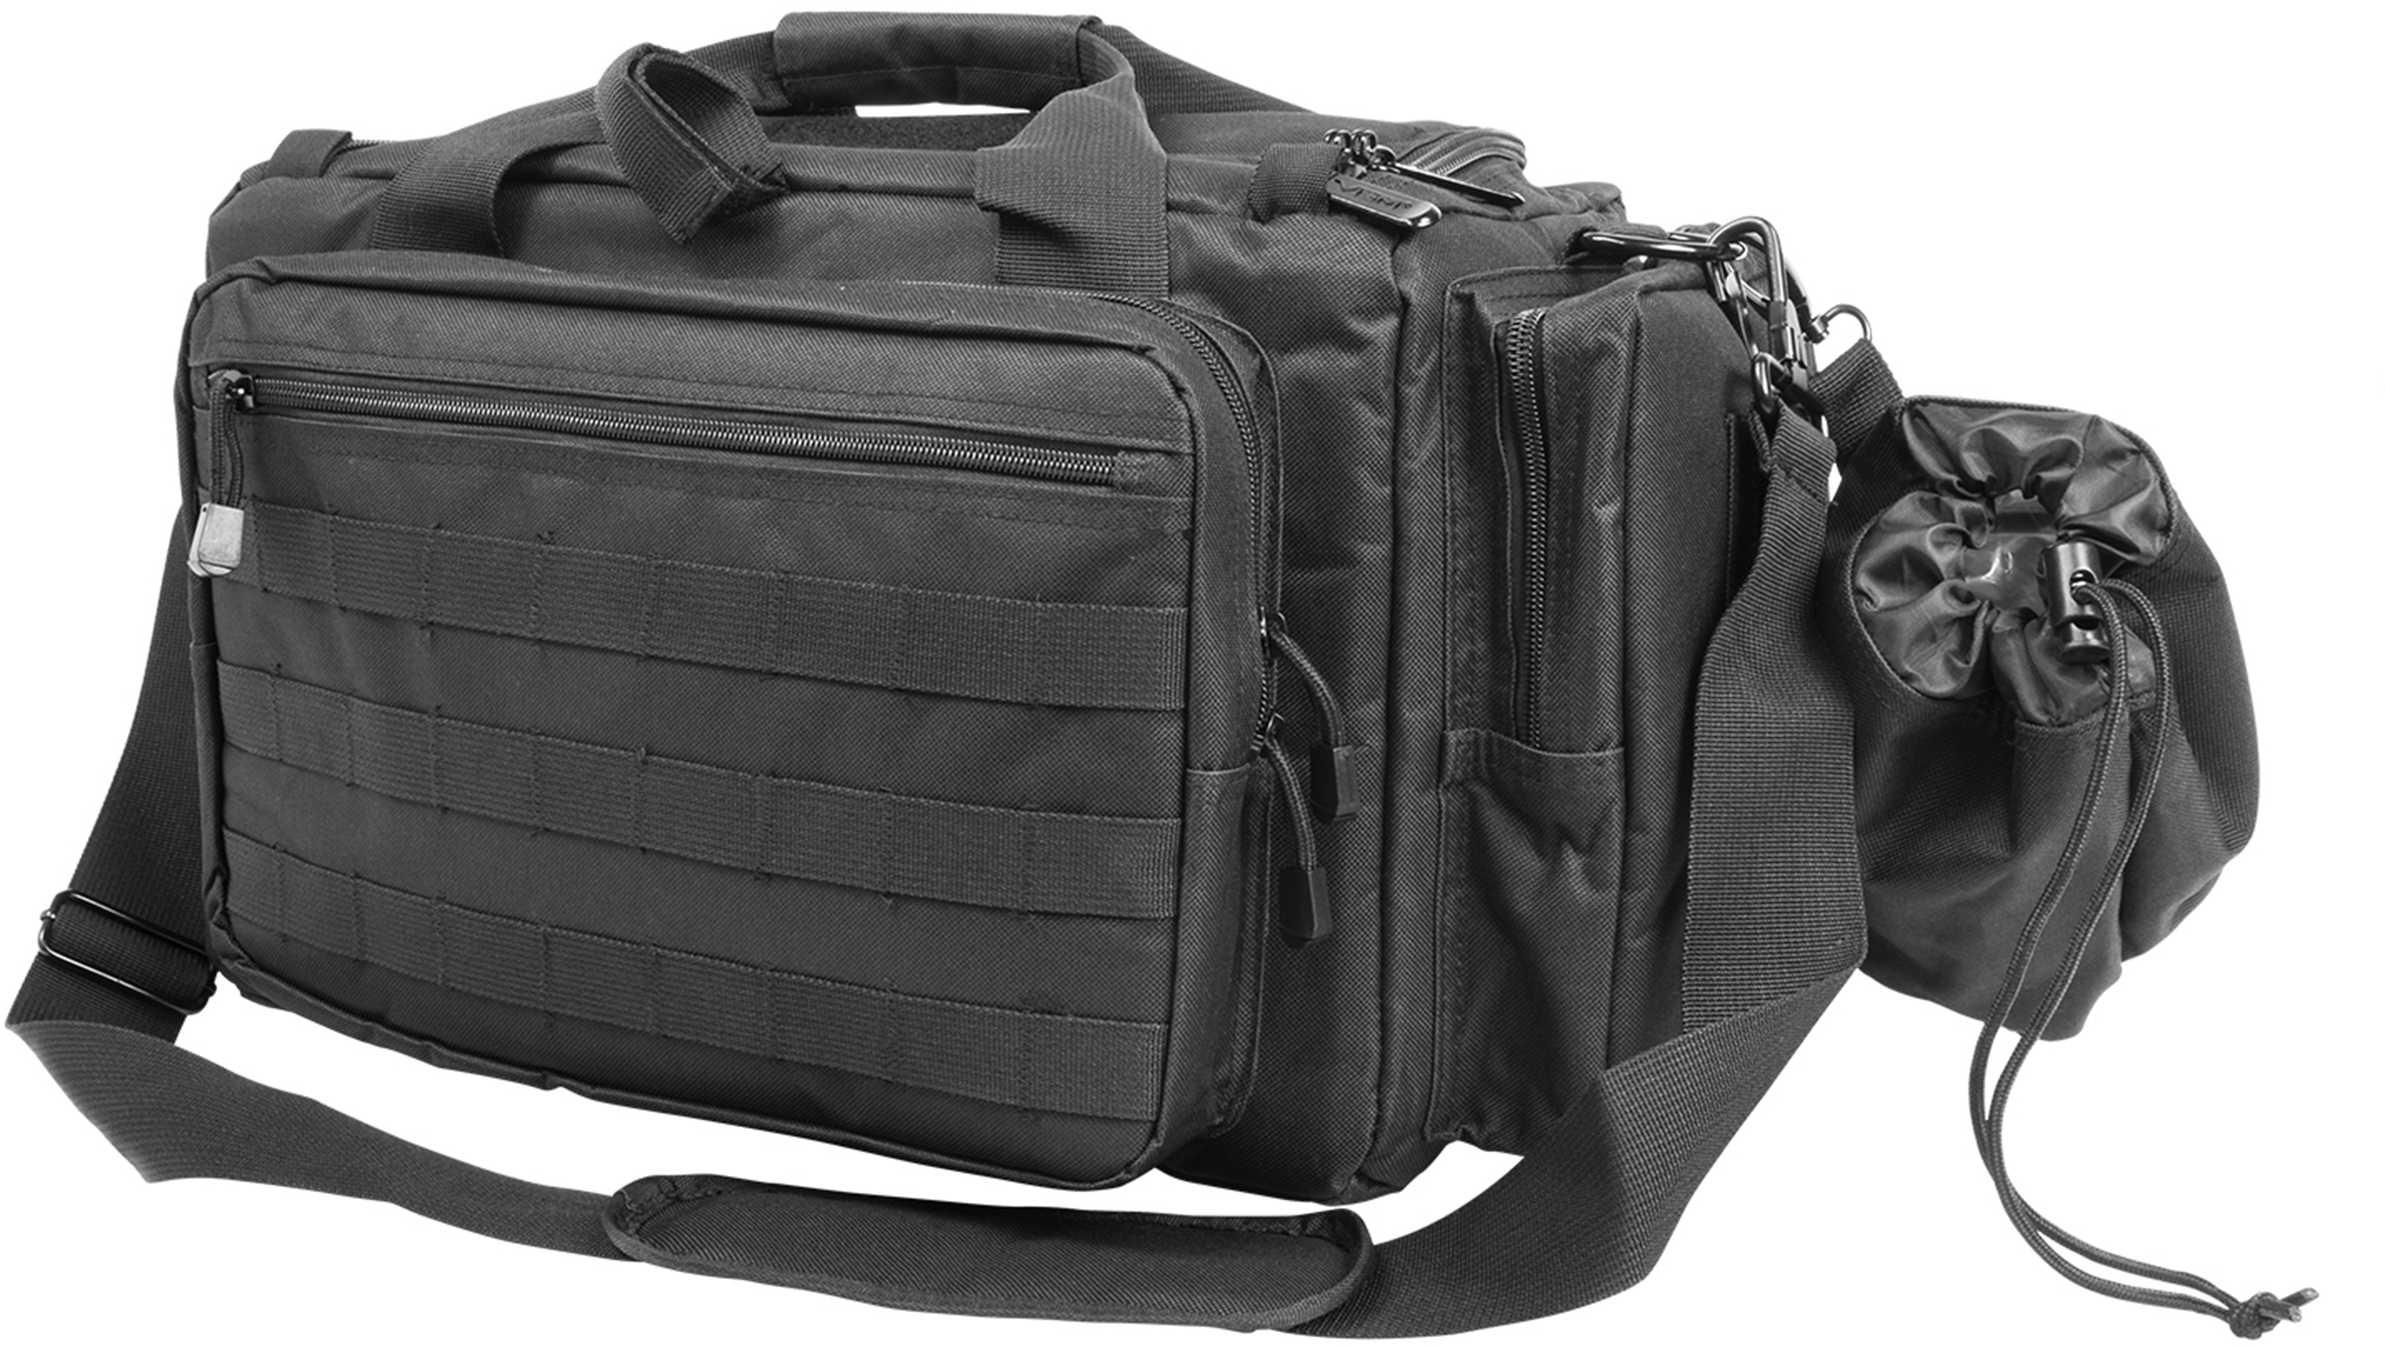 NCSTAR Competition Range Bag Nylon Black Exterior PALS/ MOLLE Webbing Includes Shoulder Strap & Brass Bag CVCRB2950B